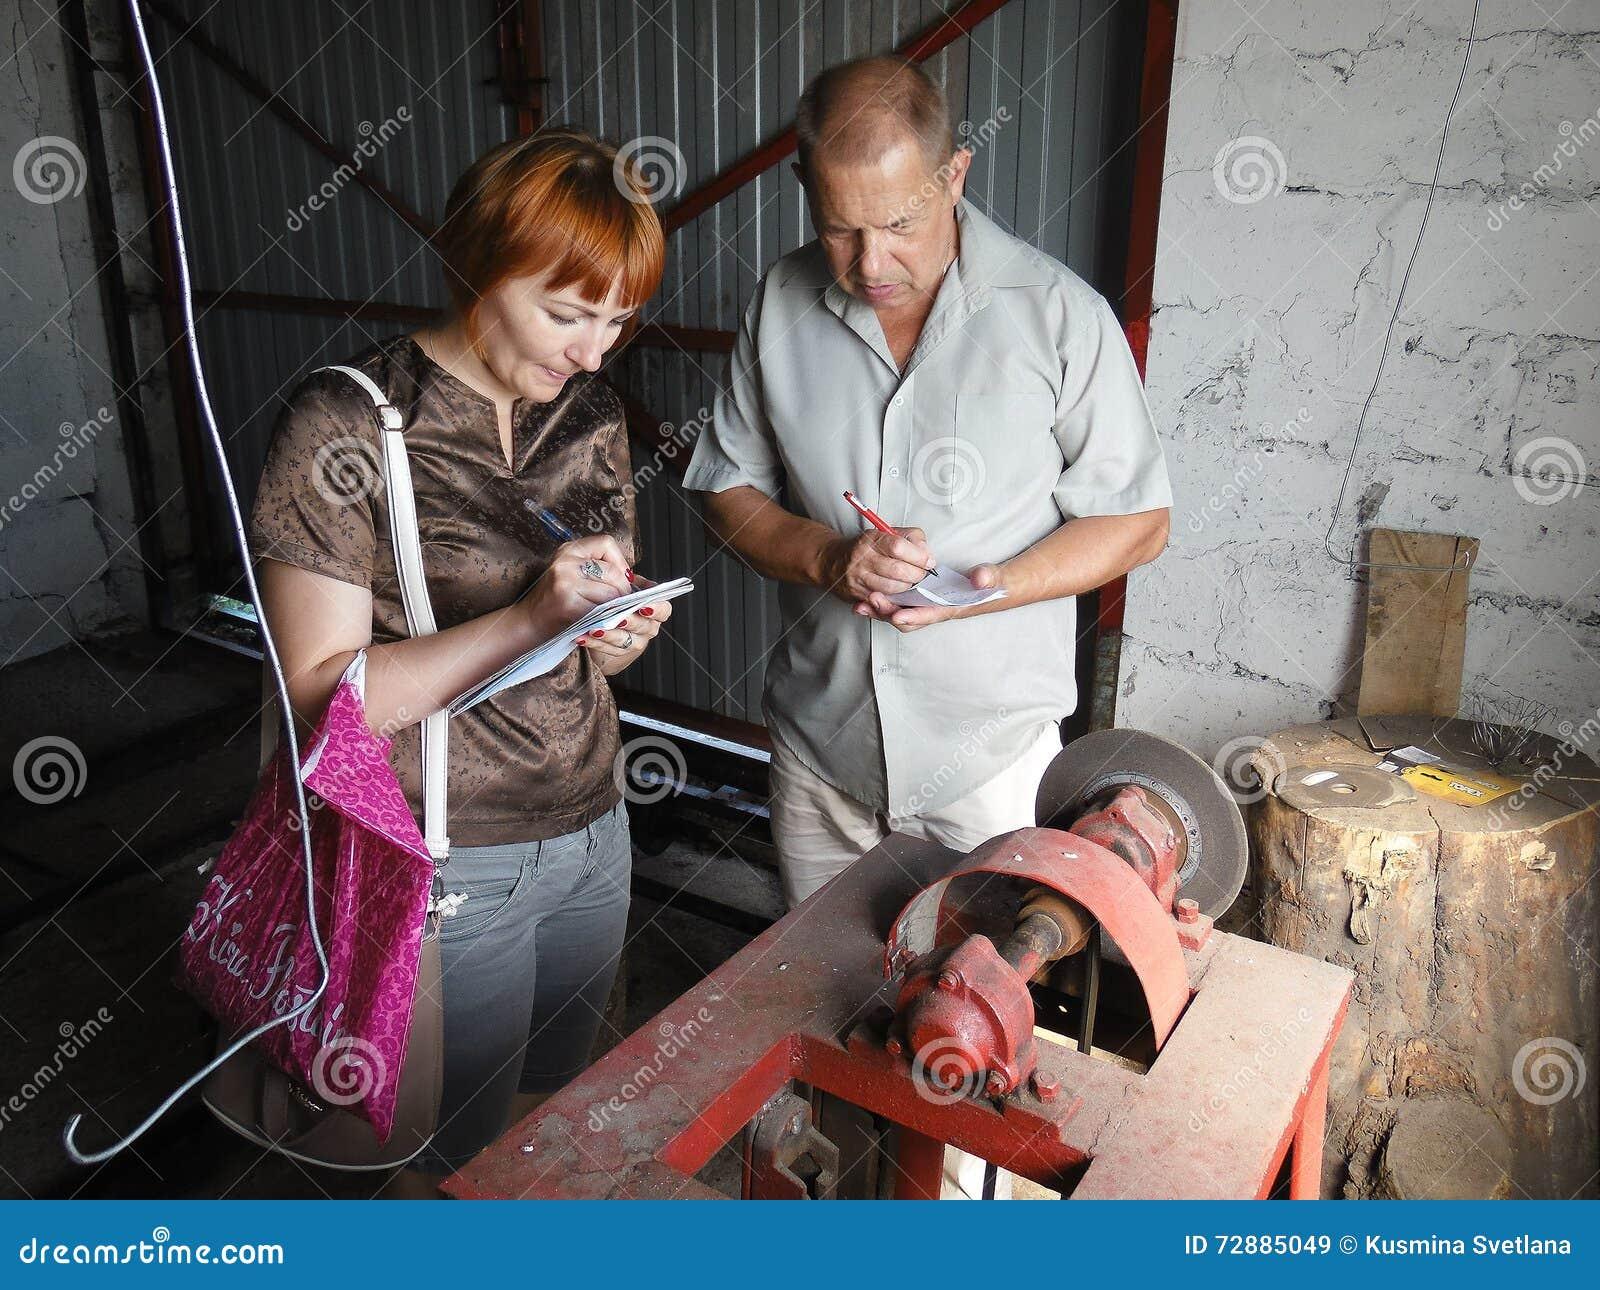 Die Arbeit der Inspektion Kommission zu einem Schutz der Arbeit in der Gomel-Region von Weißrussland